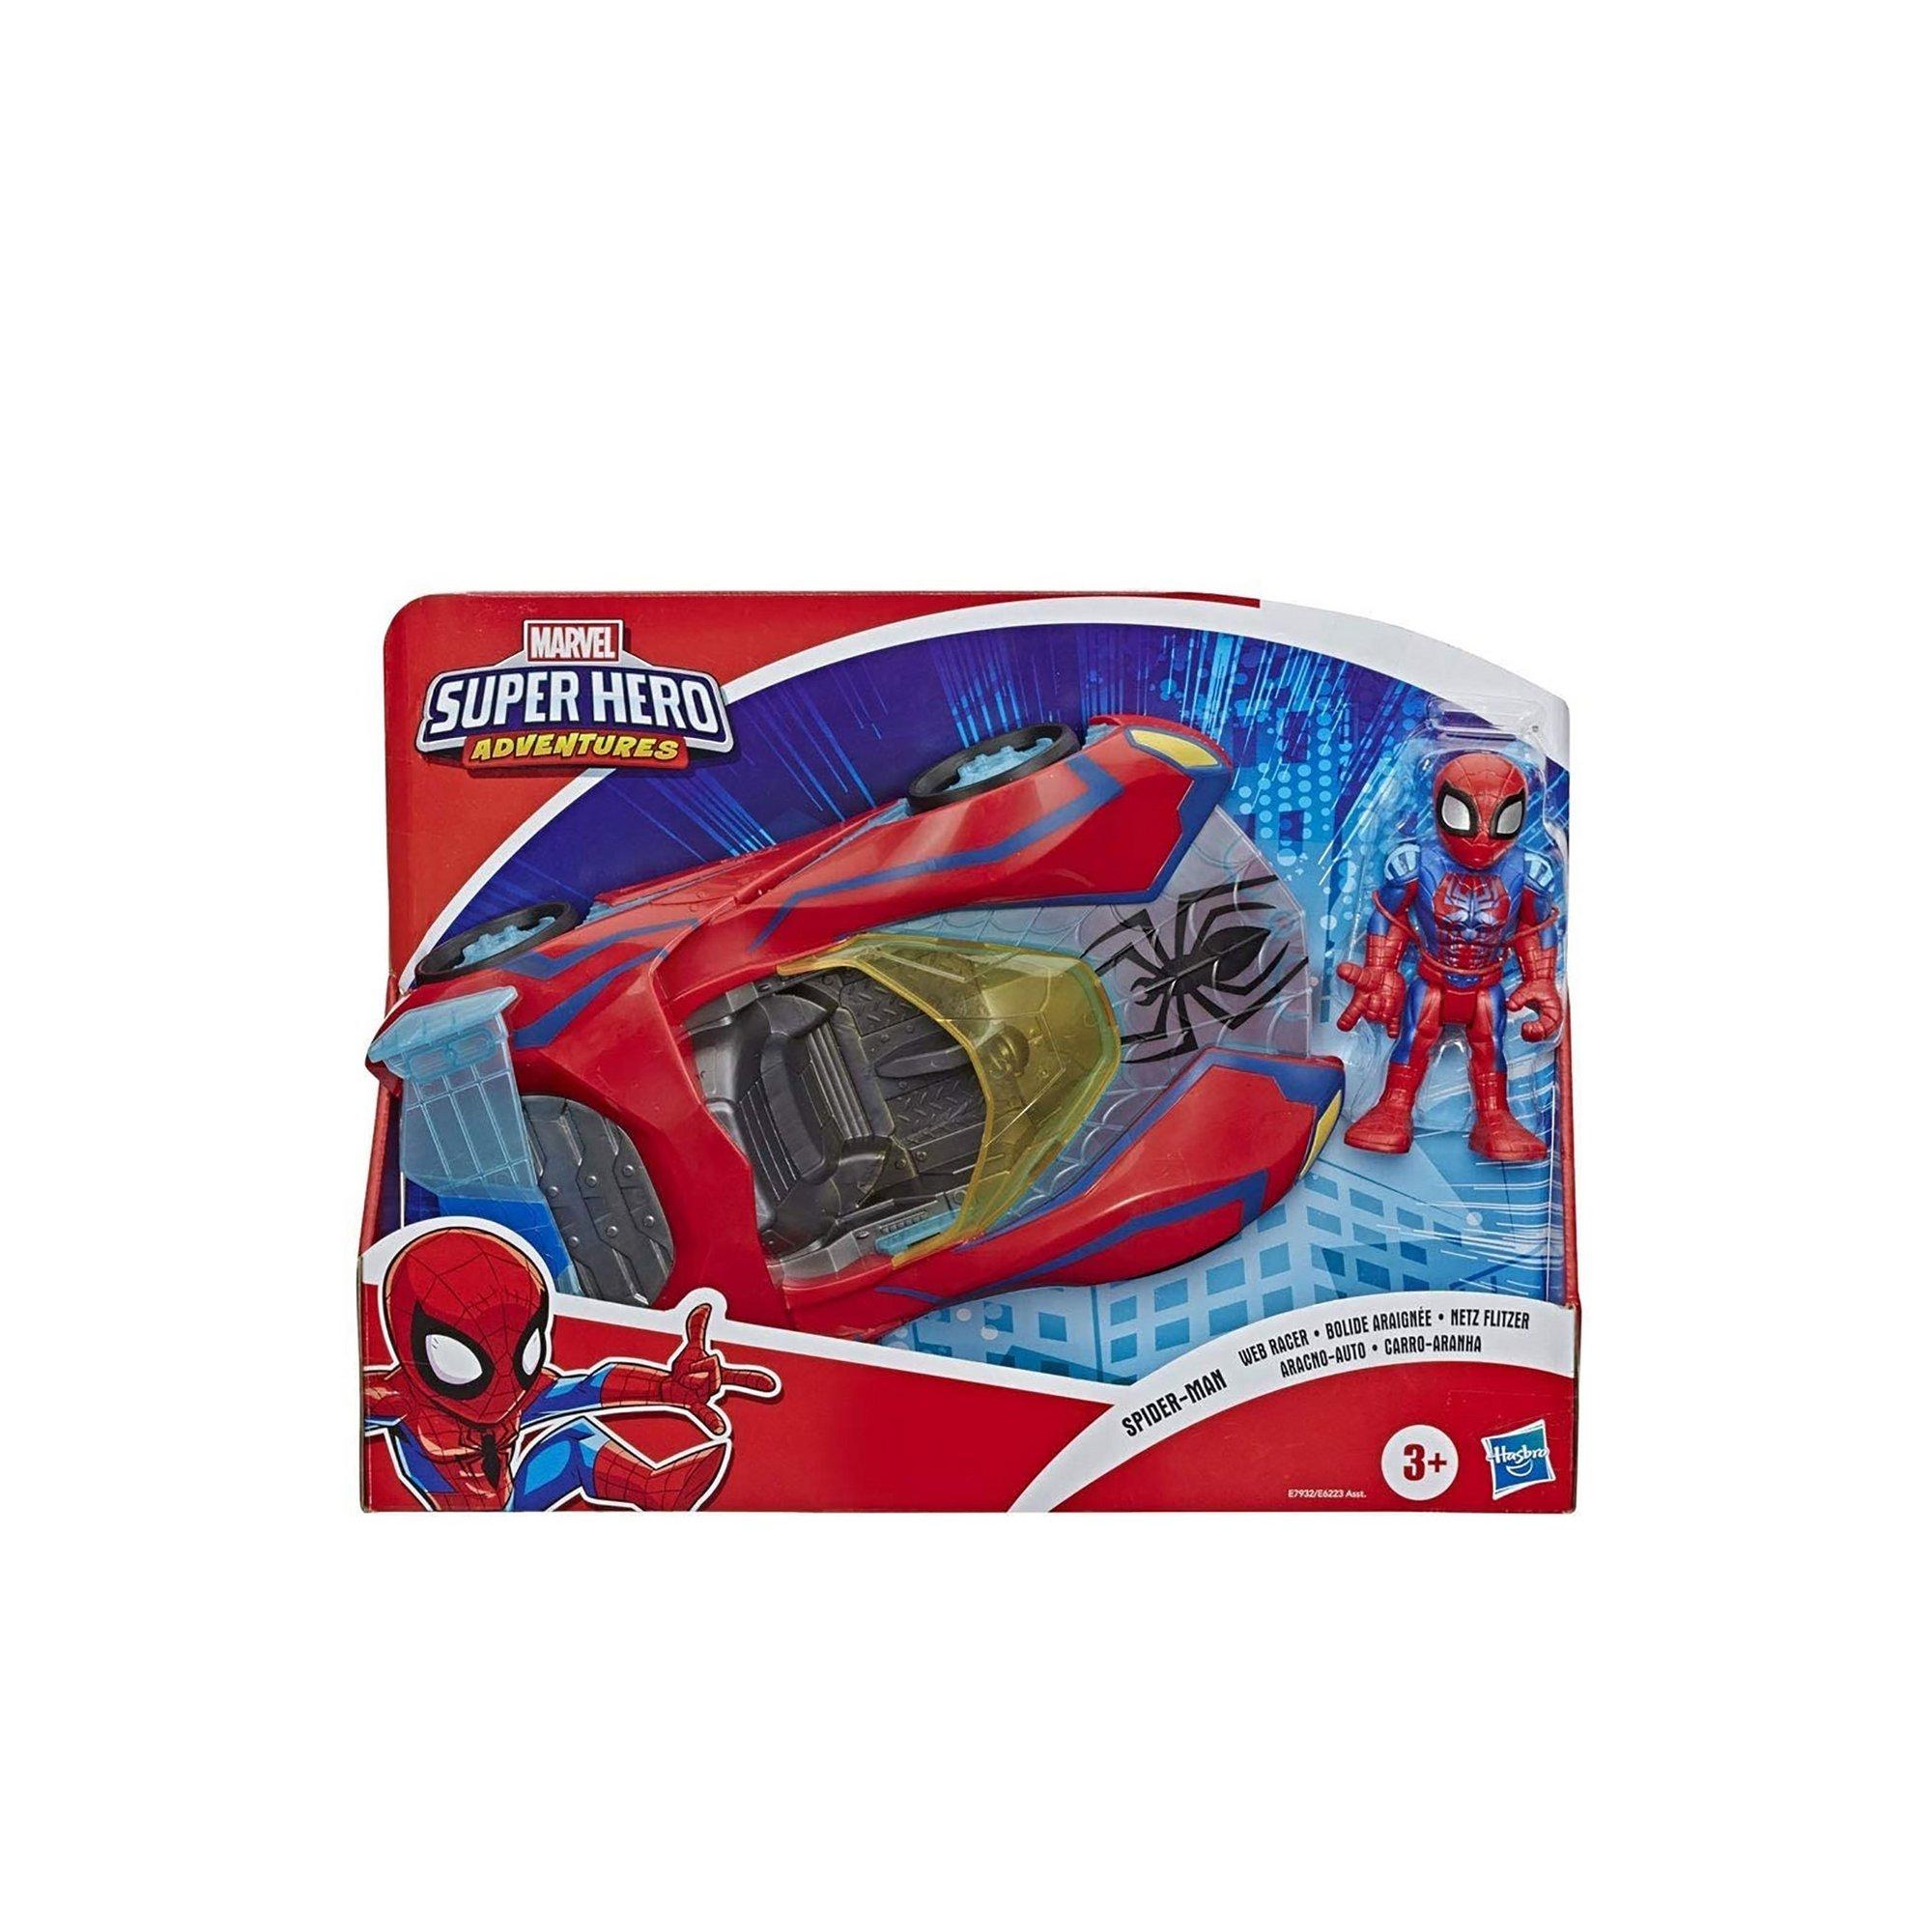 Image of Spider-Man Web Racer Playskool Heroes Marvel Super Hero Adventures